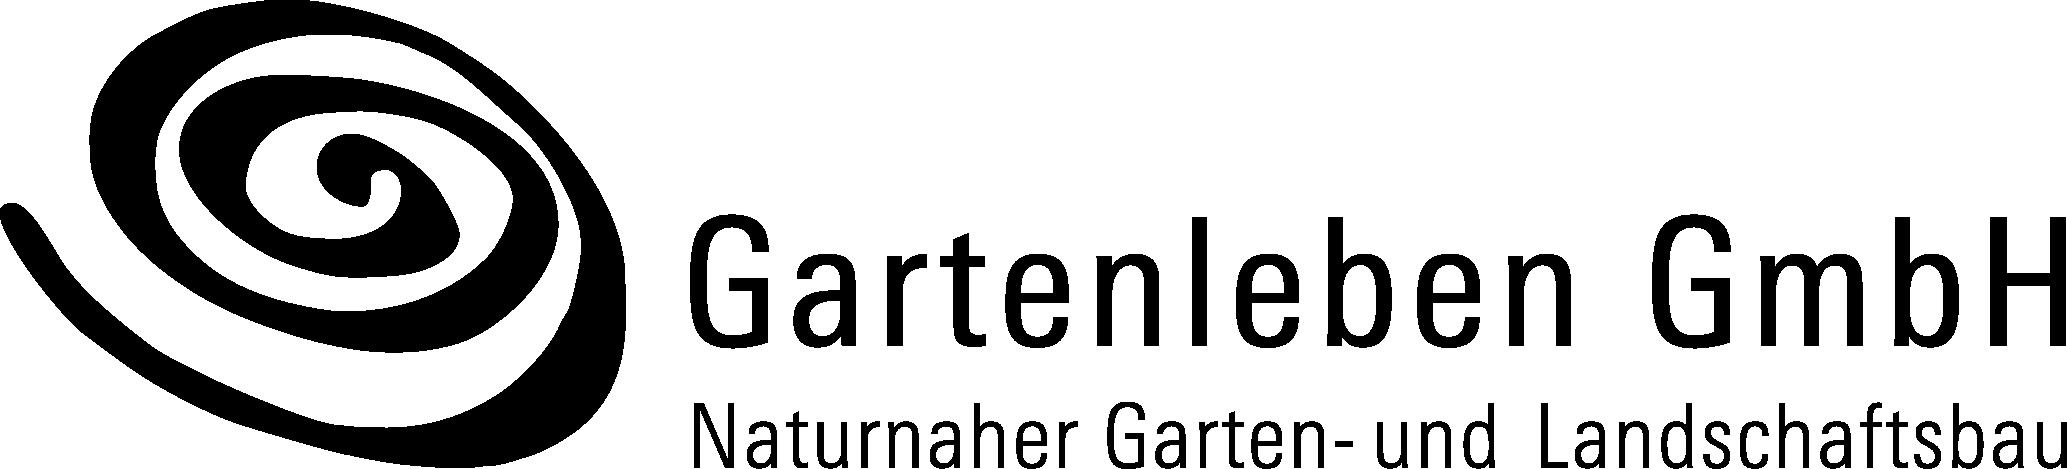 def_gartenleben_logo_sw_rgb